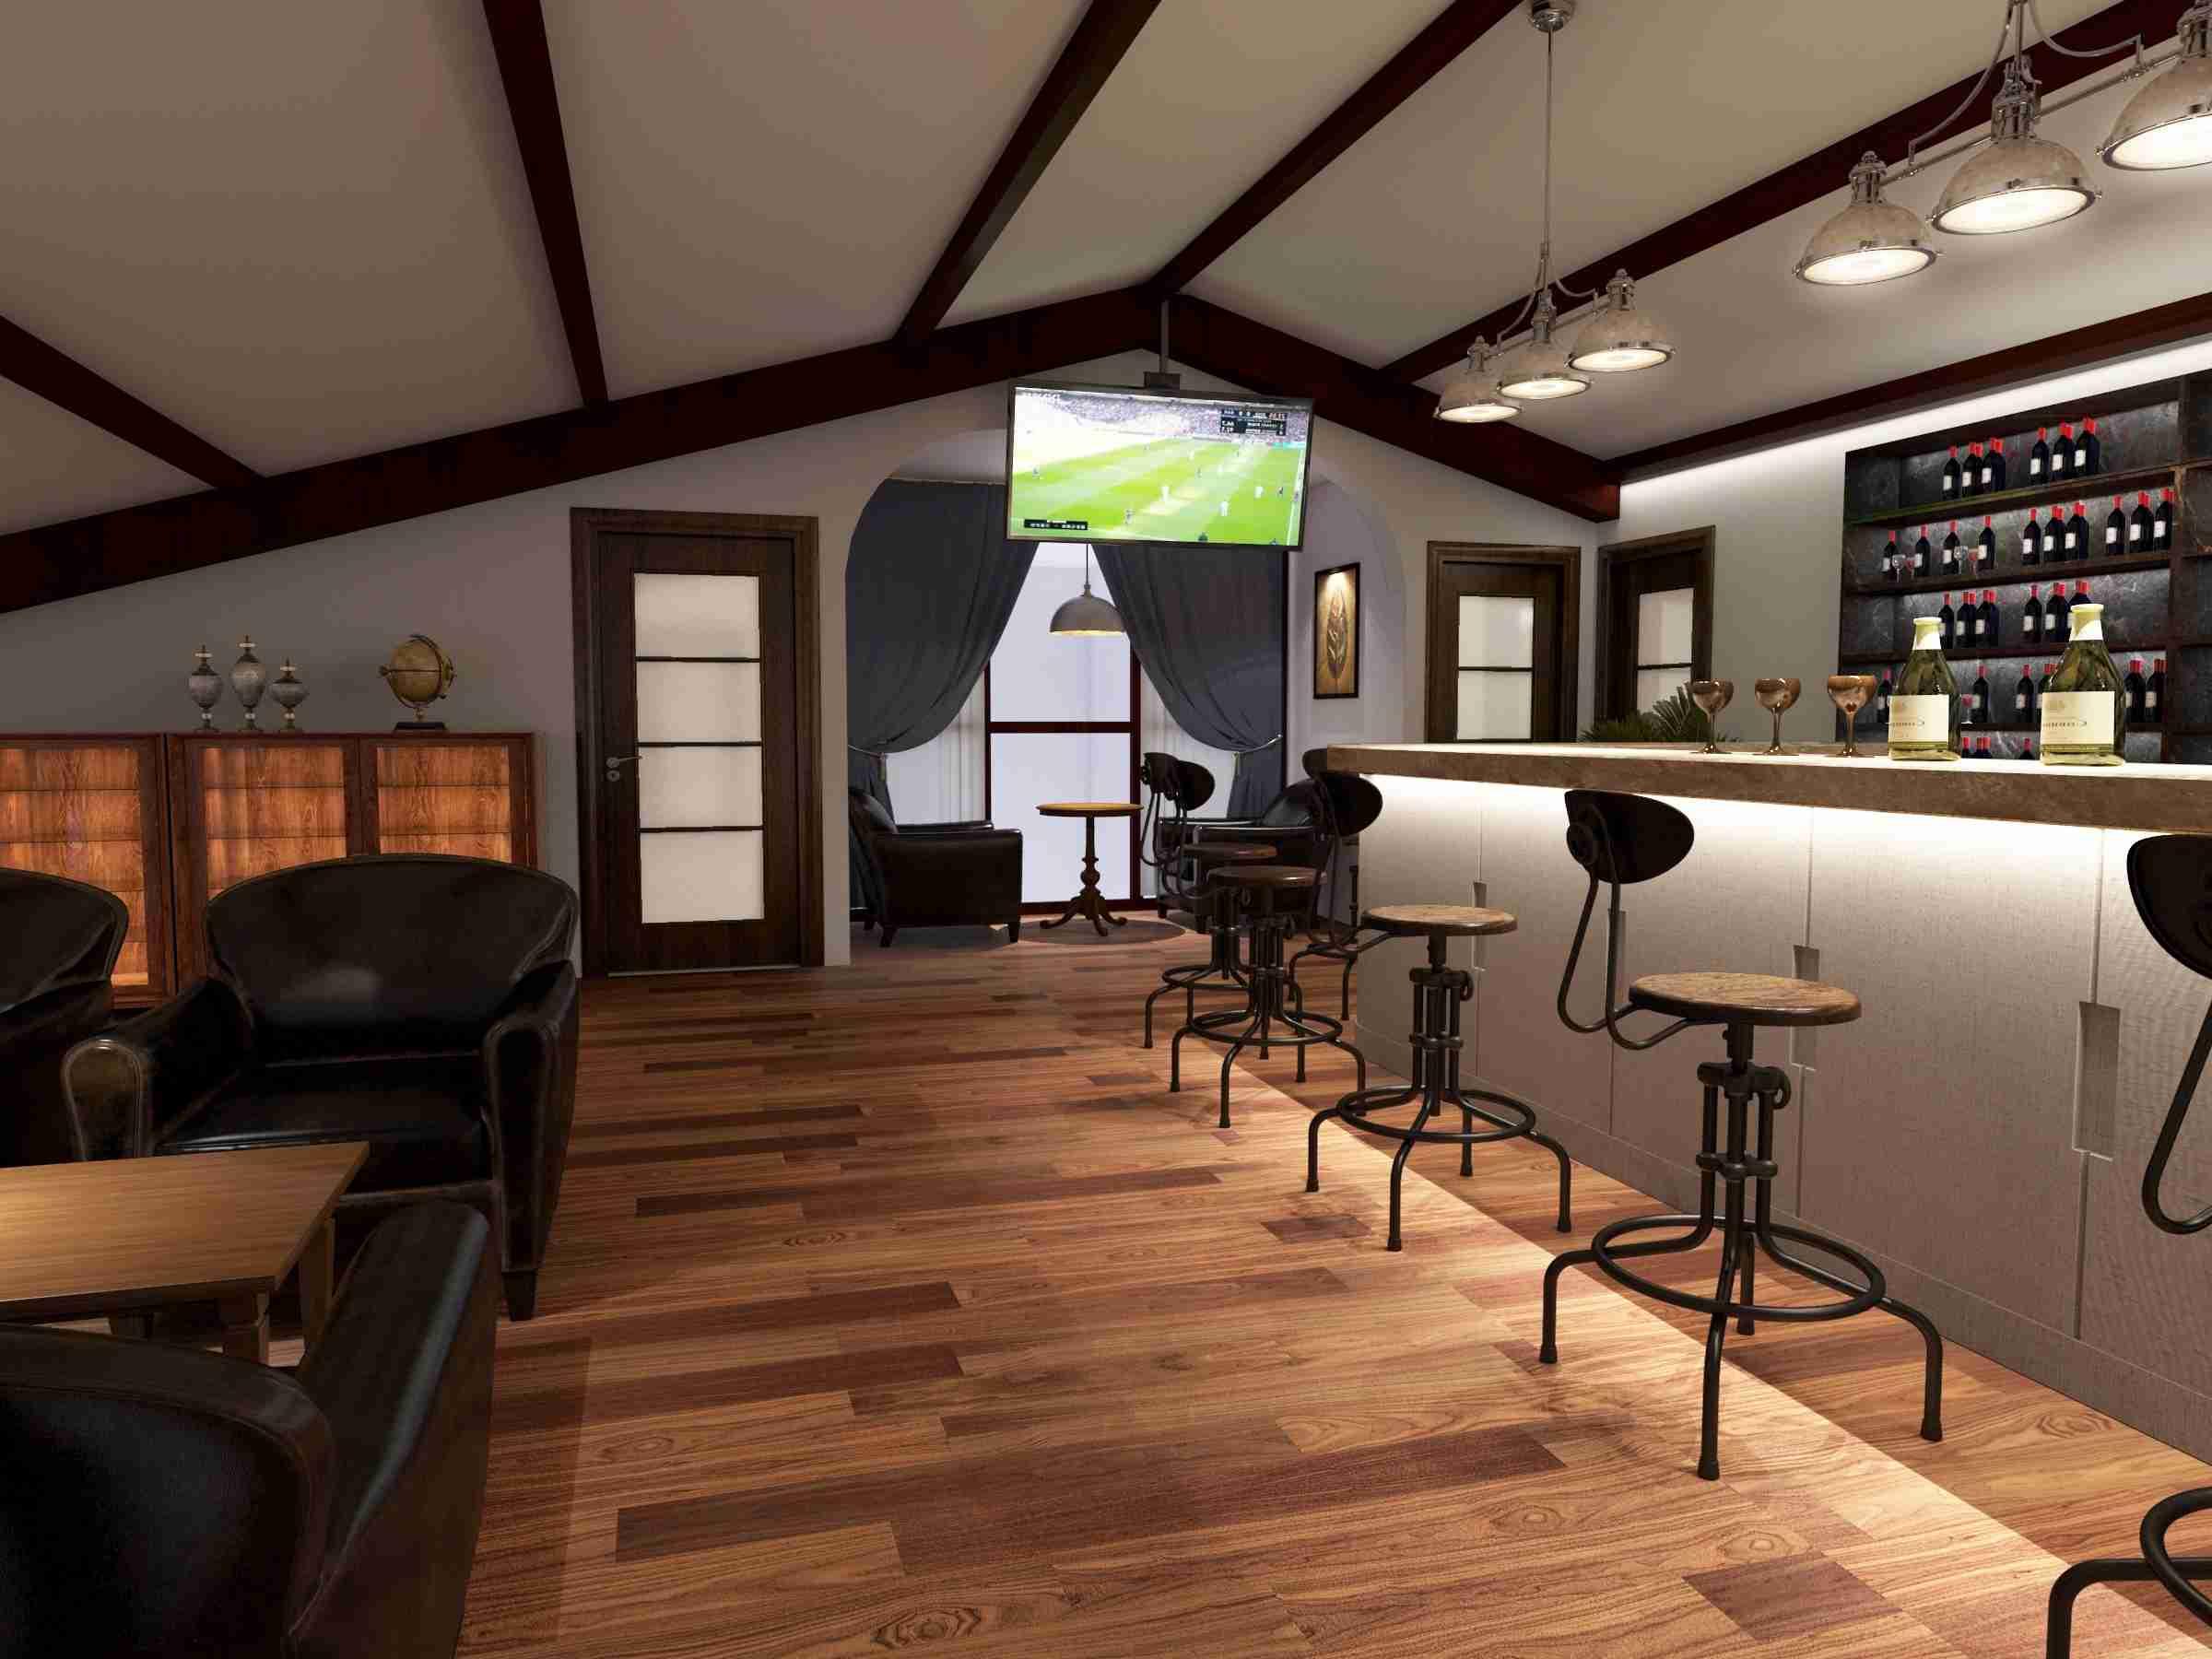 通过独特的设计手法,使大厅免于单调,厚重的色调,金色与灰褐垫定了整体空间的两大基调、灰中透着轻盈,质朴中彰显高级,配以柔和的灯光,营造出空间静谧的文化氛围,让大厅搭配出一种高雅脱俗之感。将此一分为二,划出了设计多样的哲学观。方圆之间,别有洞天。